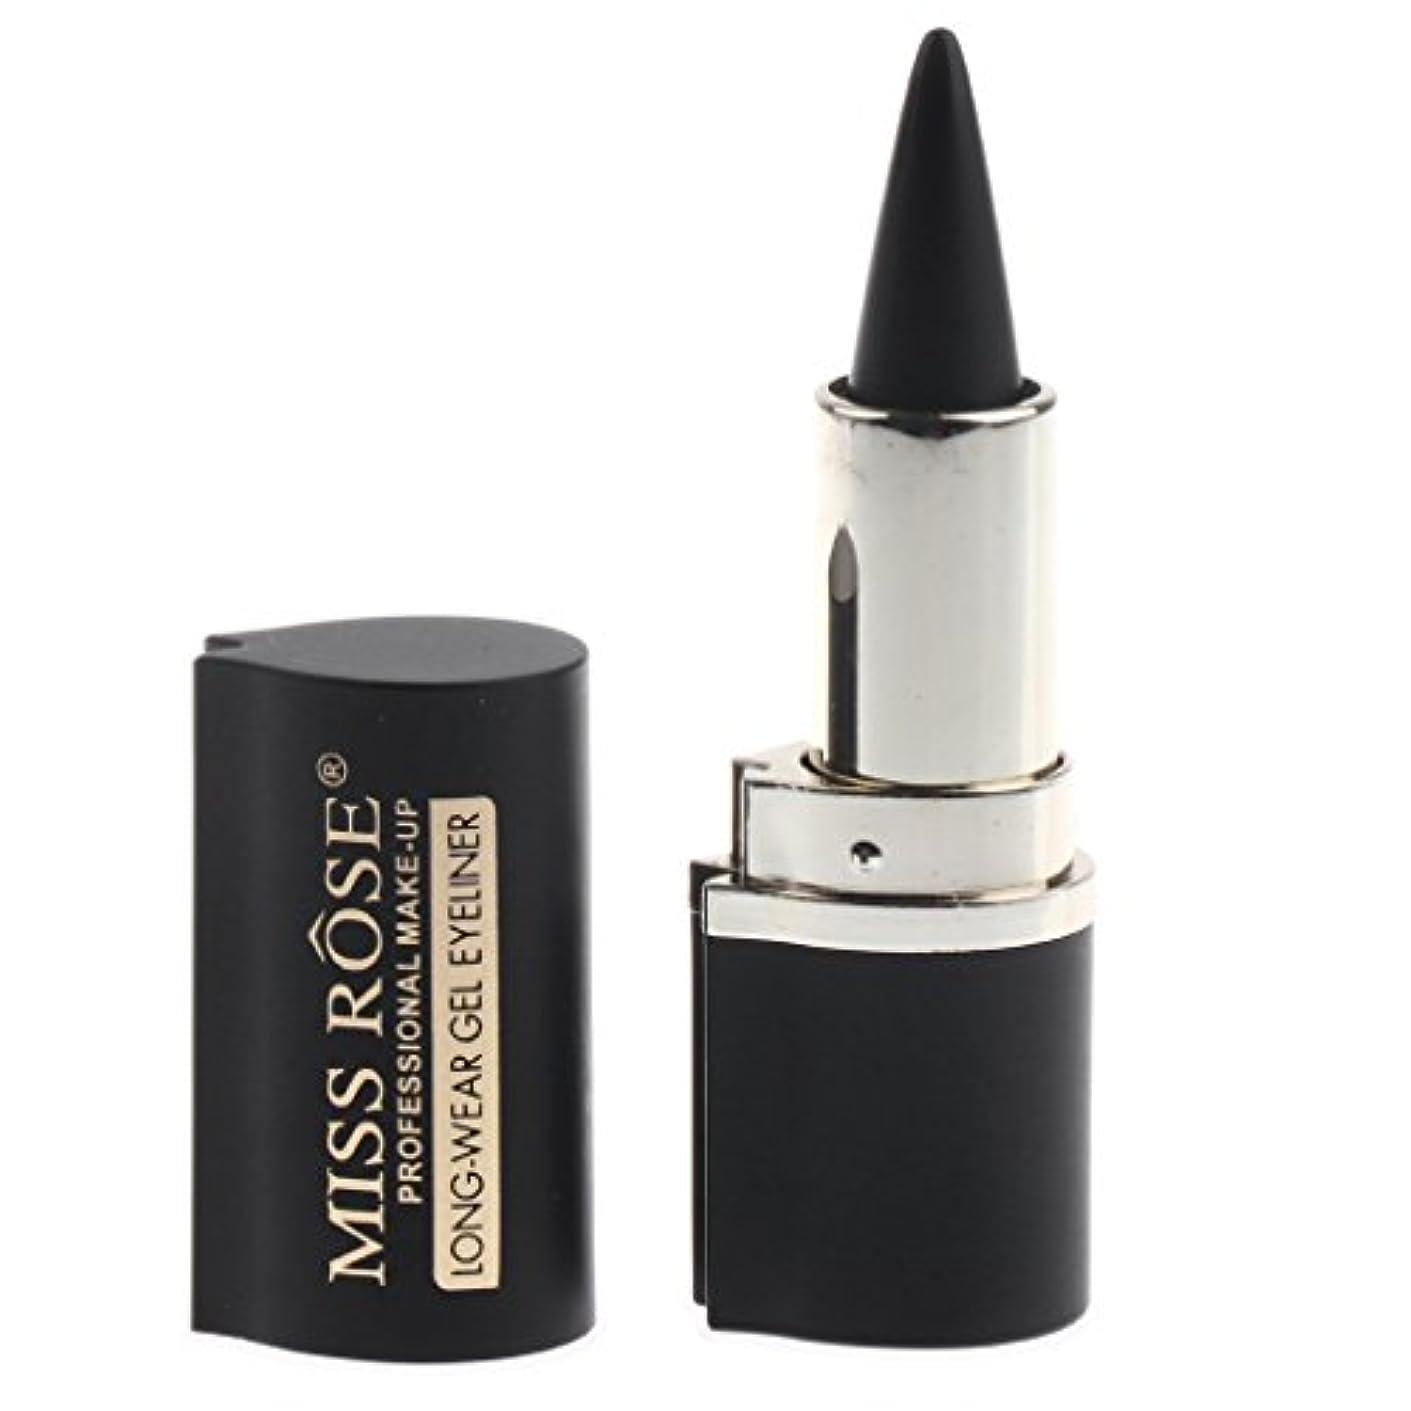 上陸ペックテーマアイライナー ペーストペン 化粧品 アイライナージェル メイク 持ち運び簡単 アイメイク 耐水性